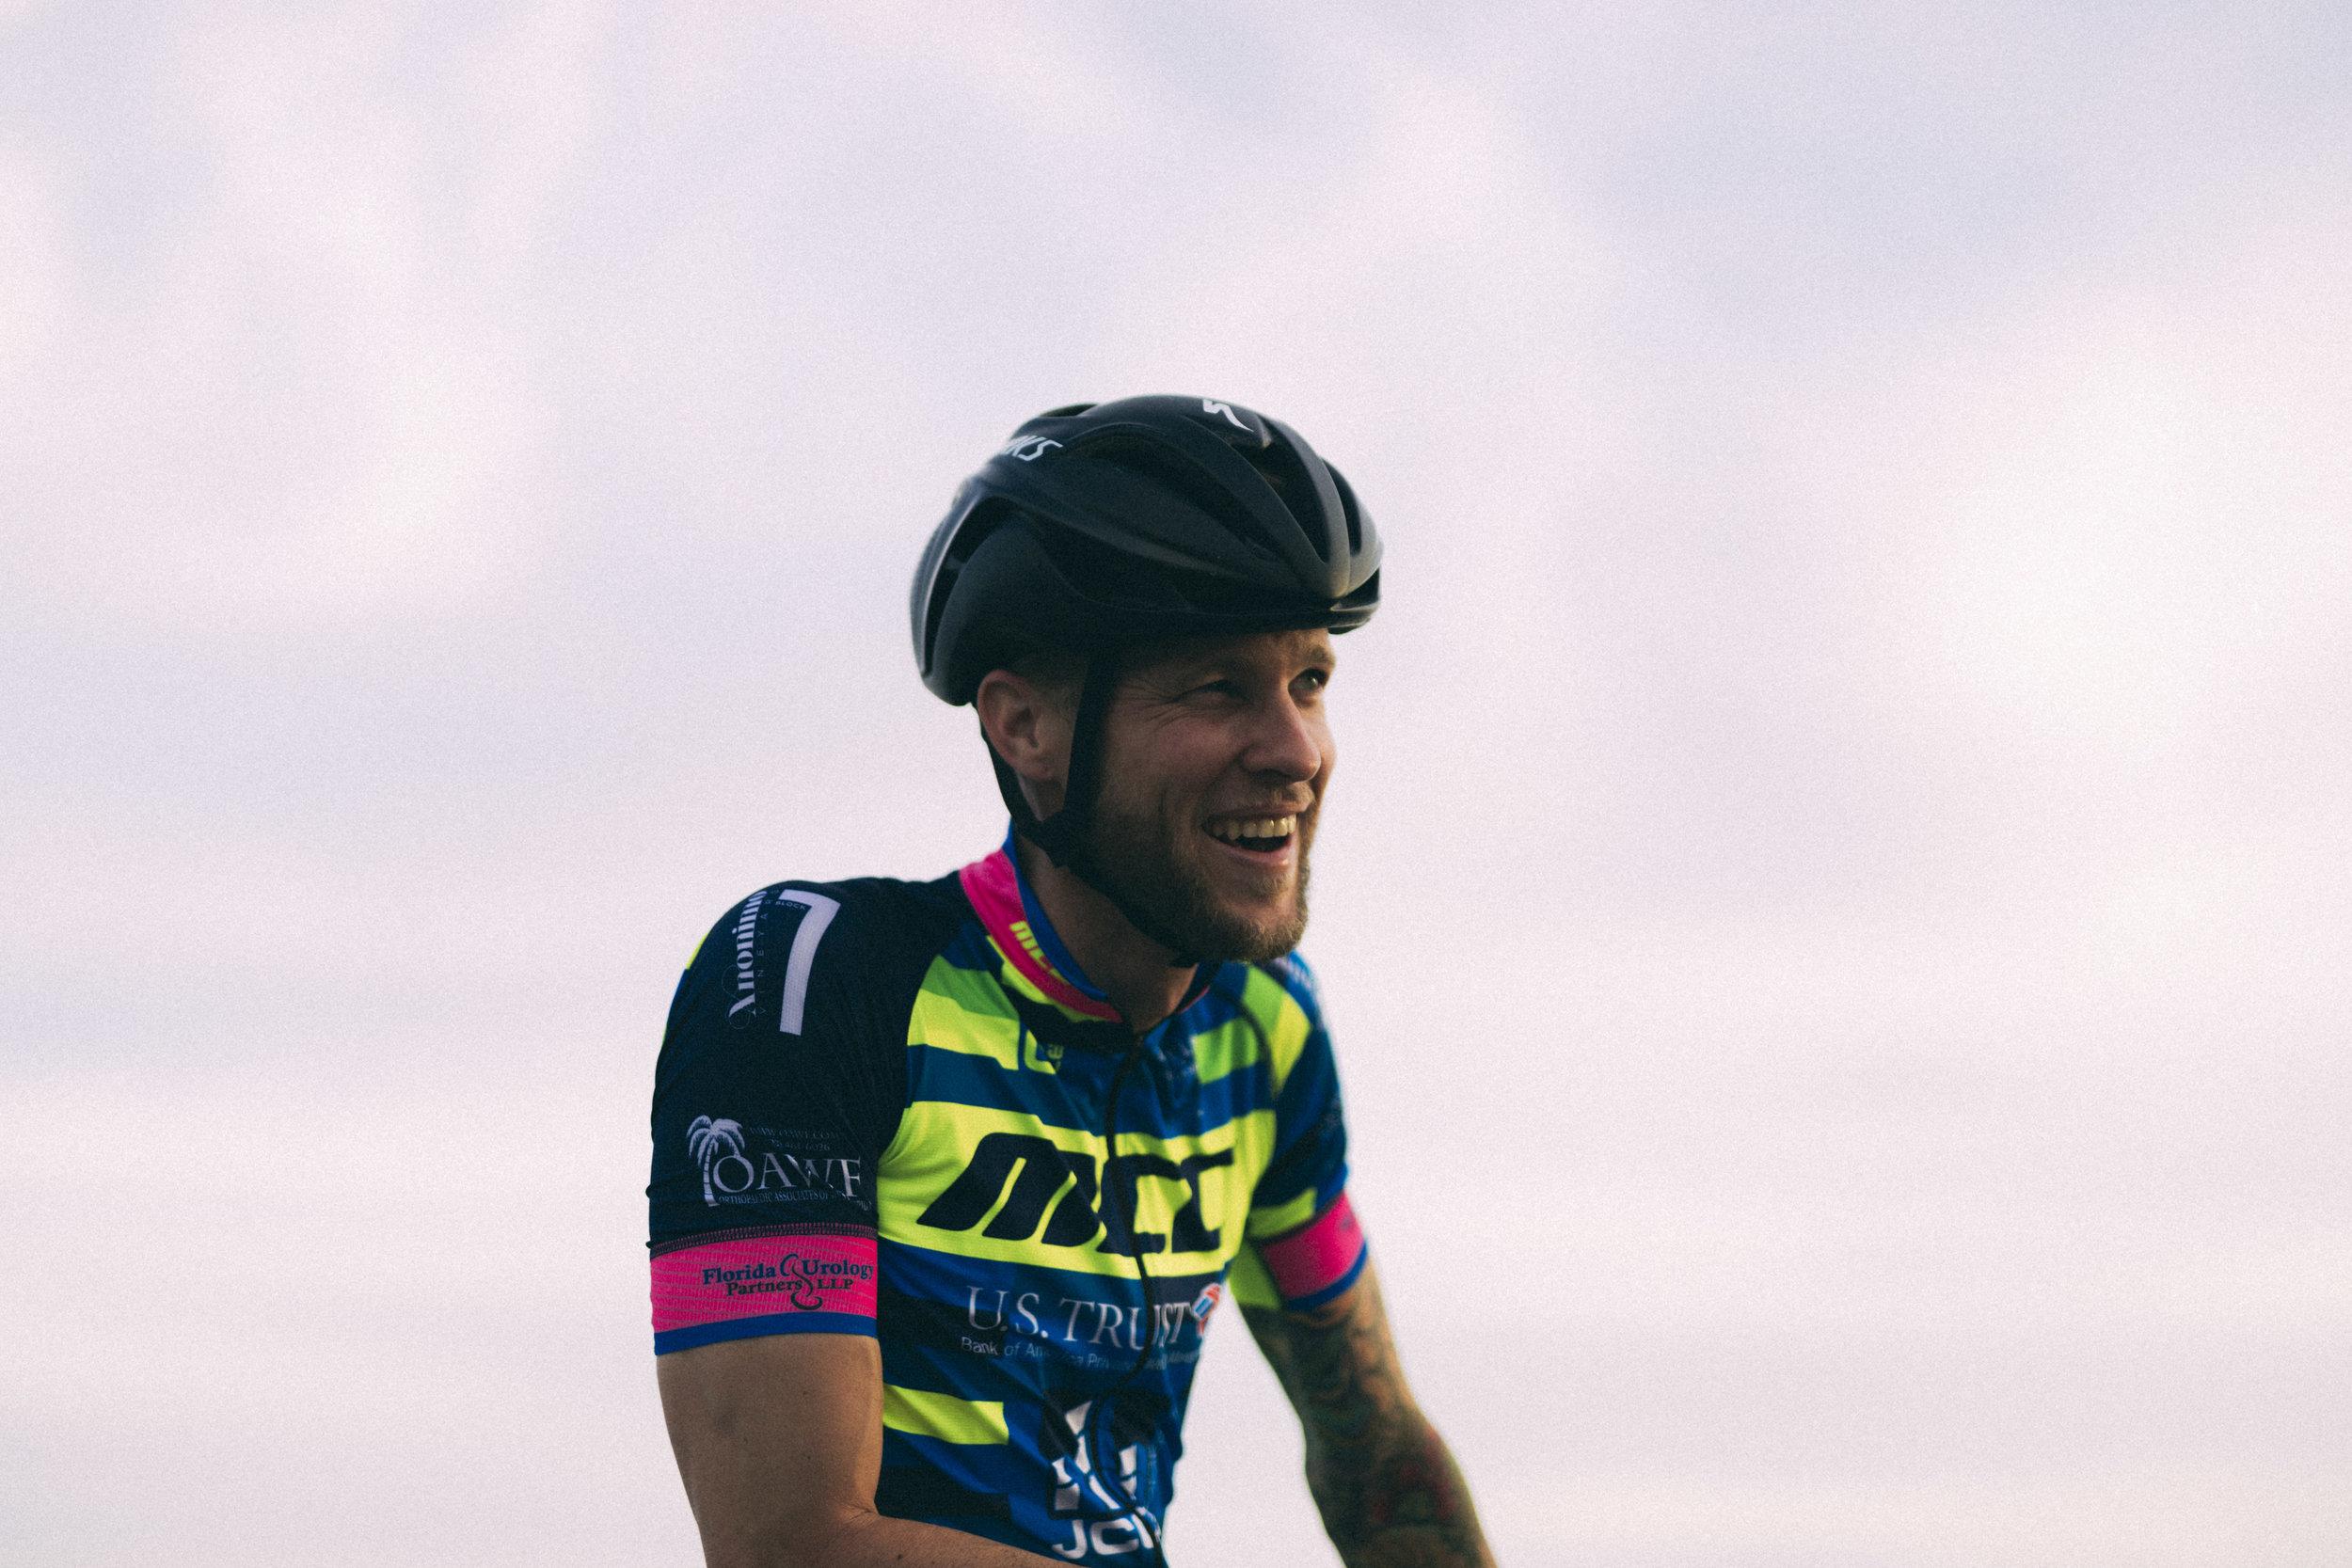 Biking_6.jpg